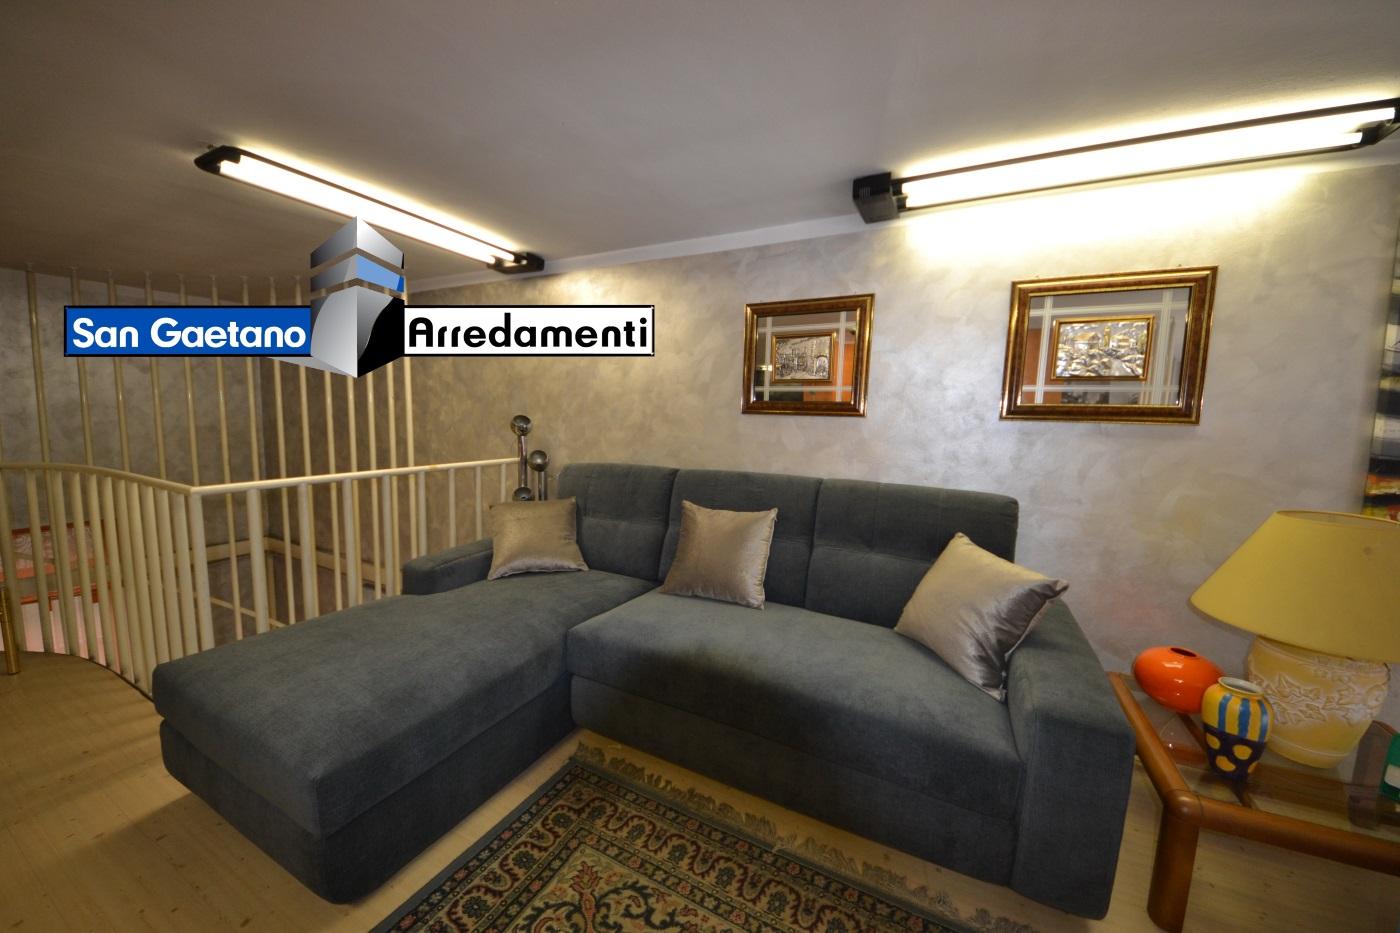 divani essepi - 28 images - divano essepi scontato 6821 divani a ...